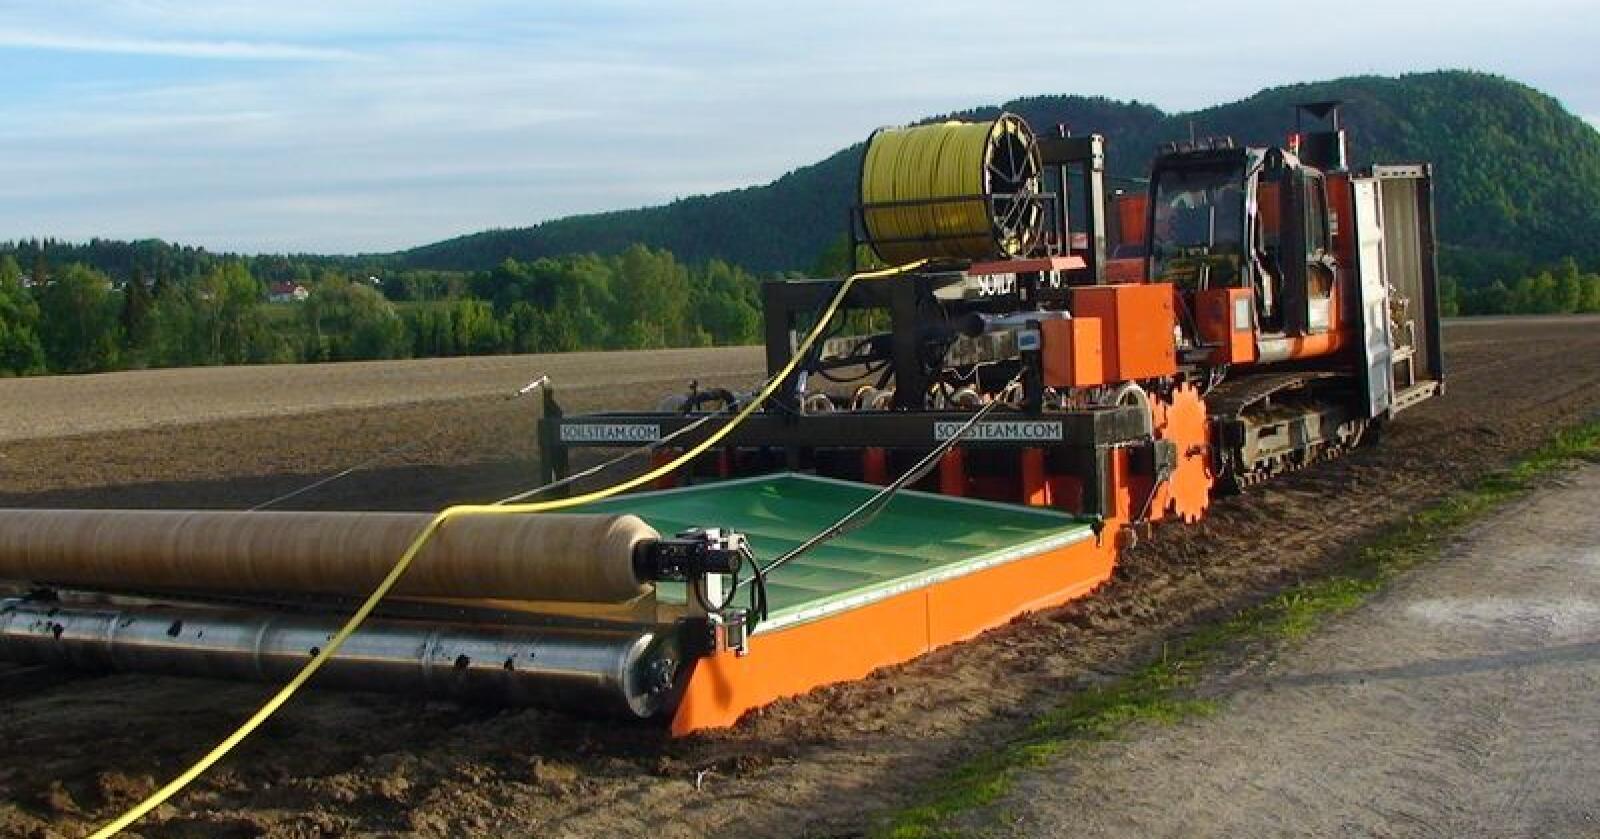 Heit: Soil Steam International damper jord opp til 80 grader 30 centimeter ned i bakken. Det sier de gir mer, sunnere og mer holdbar mat med mindre sprøytemidler. (Foto: Soil Steam International)